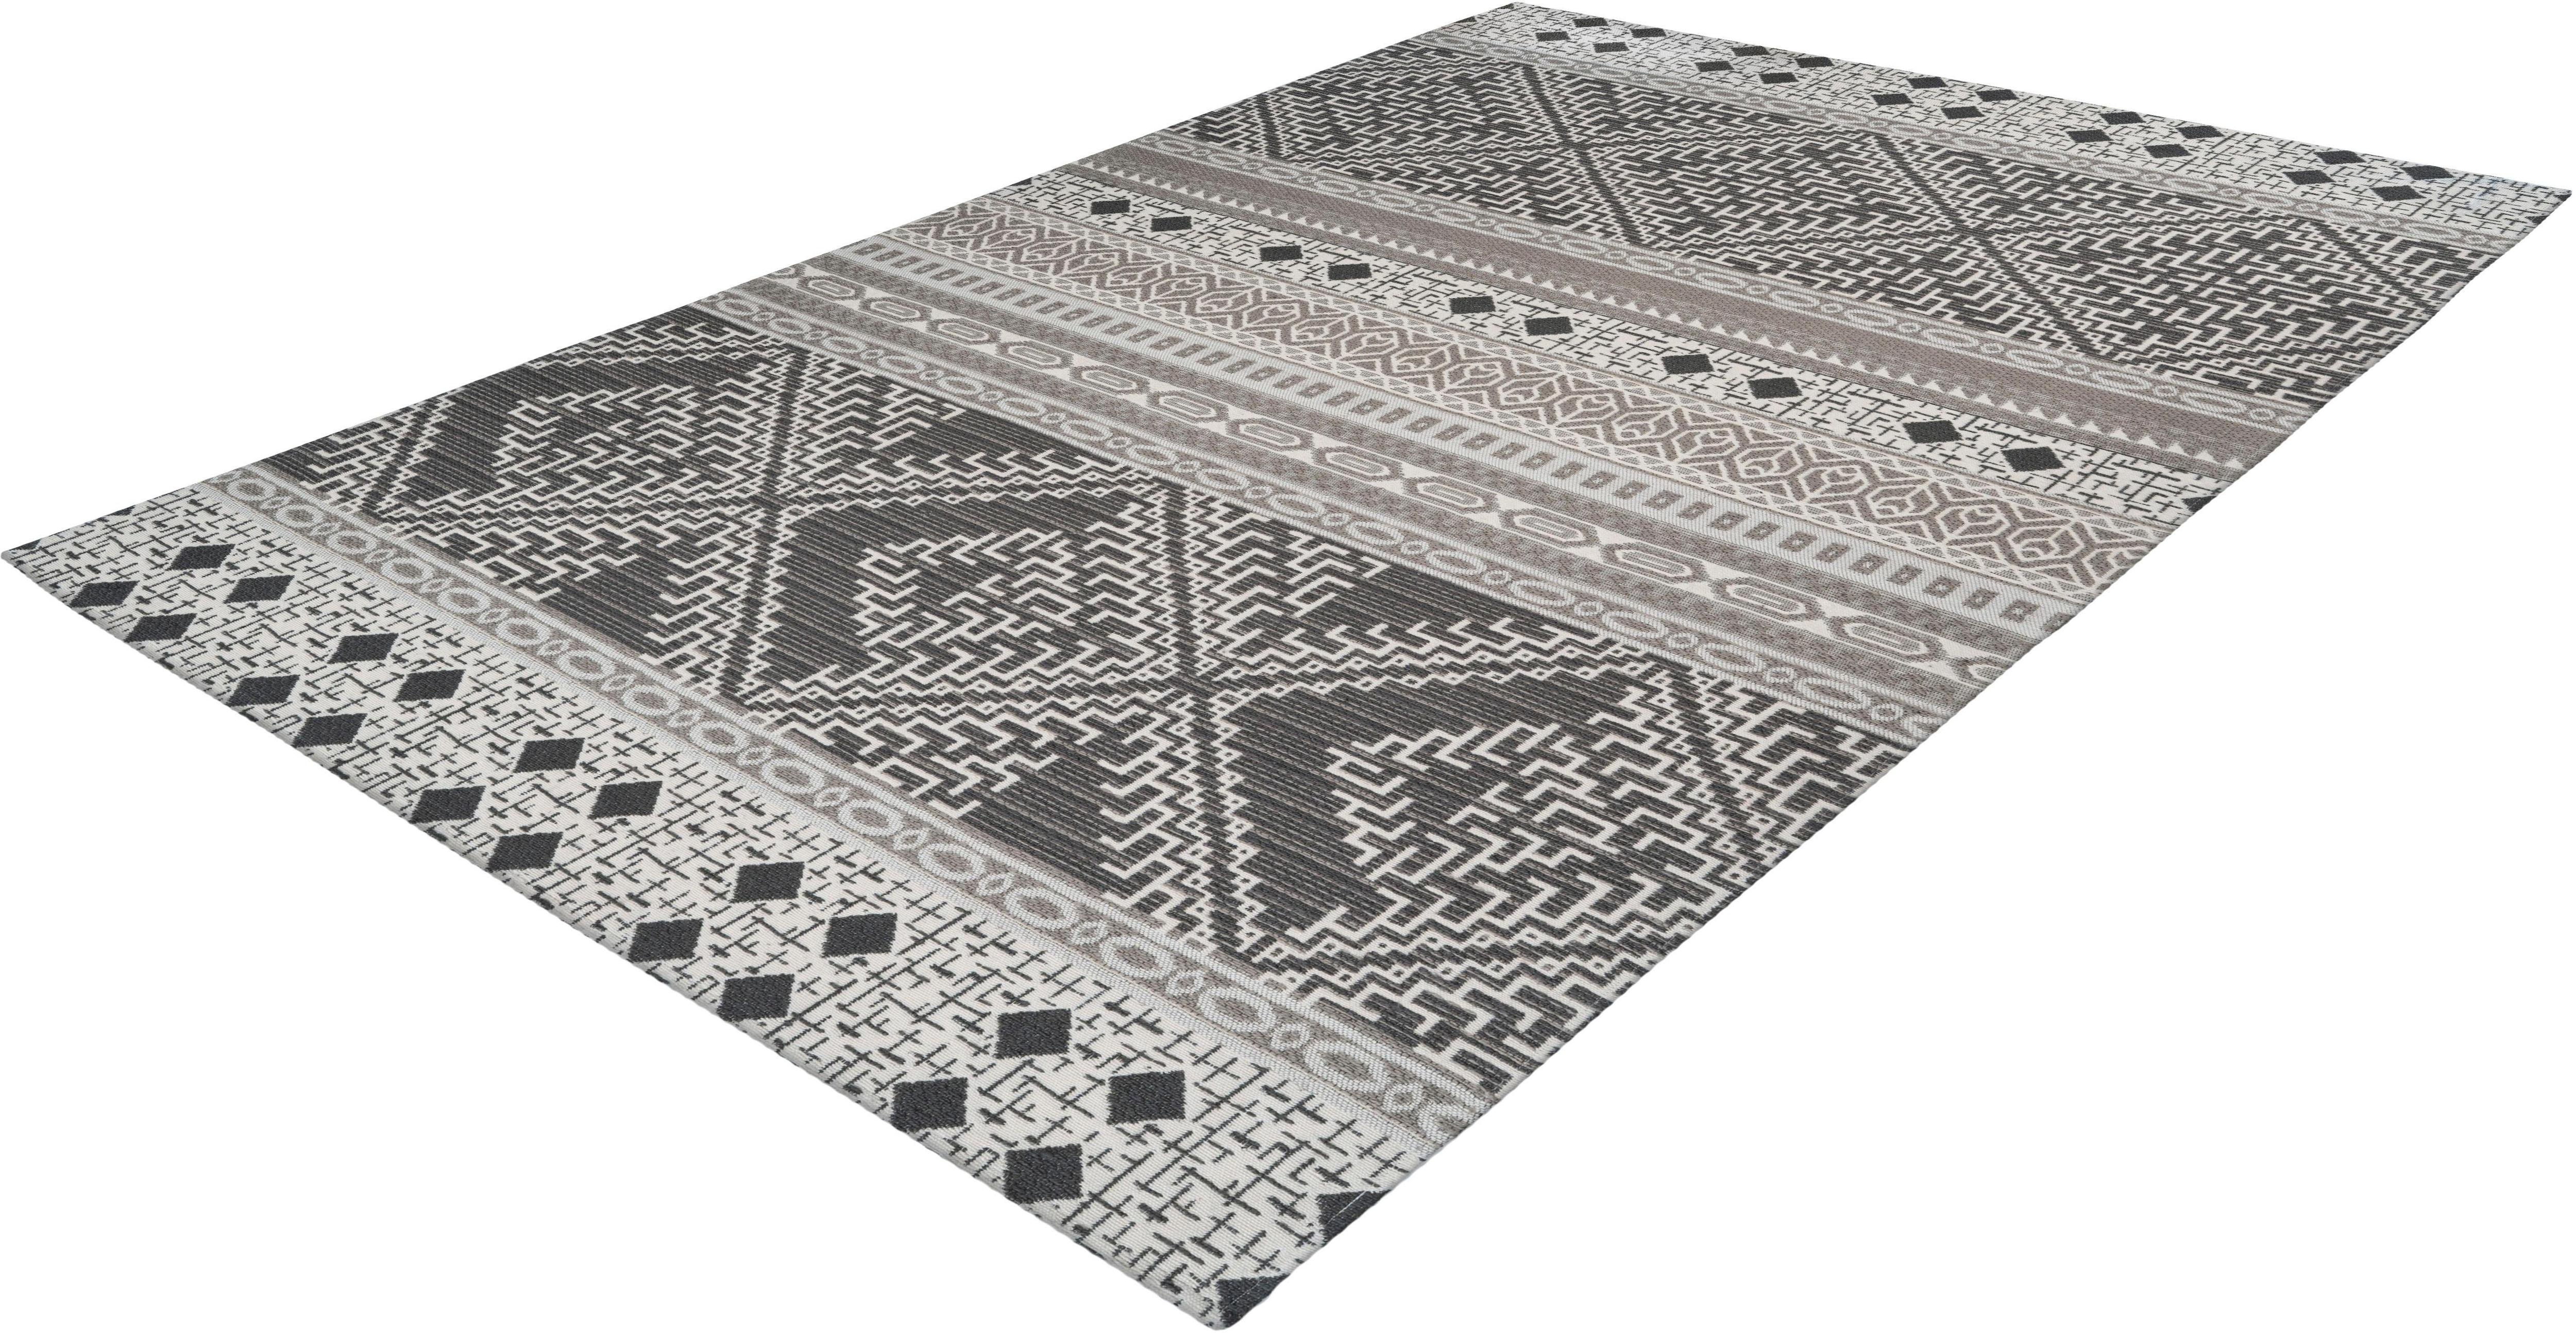 Teppich Rico 403 calo-deluxe rechteckig Höhe 10 mm maschinell gewebt